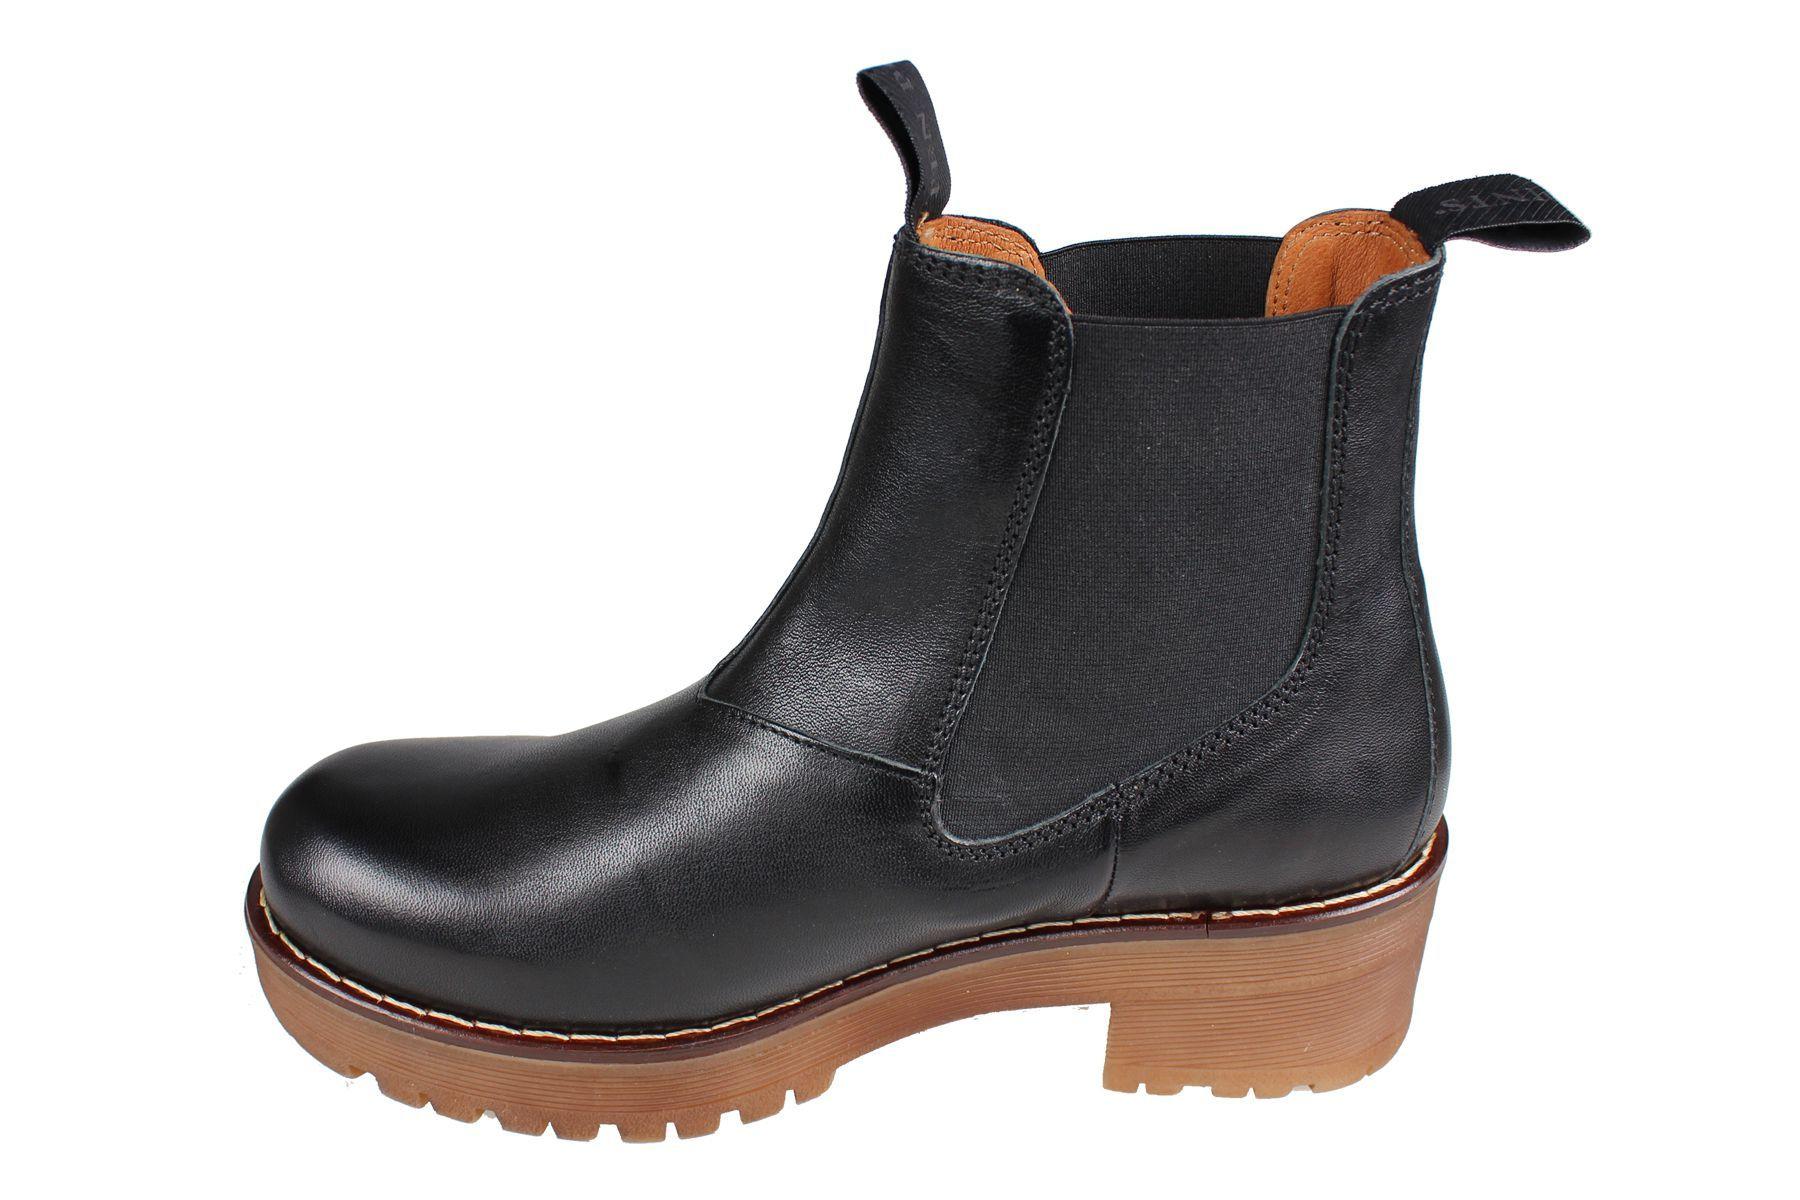 Clarisse Chelsea Boot Black